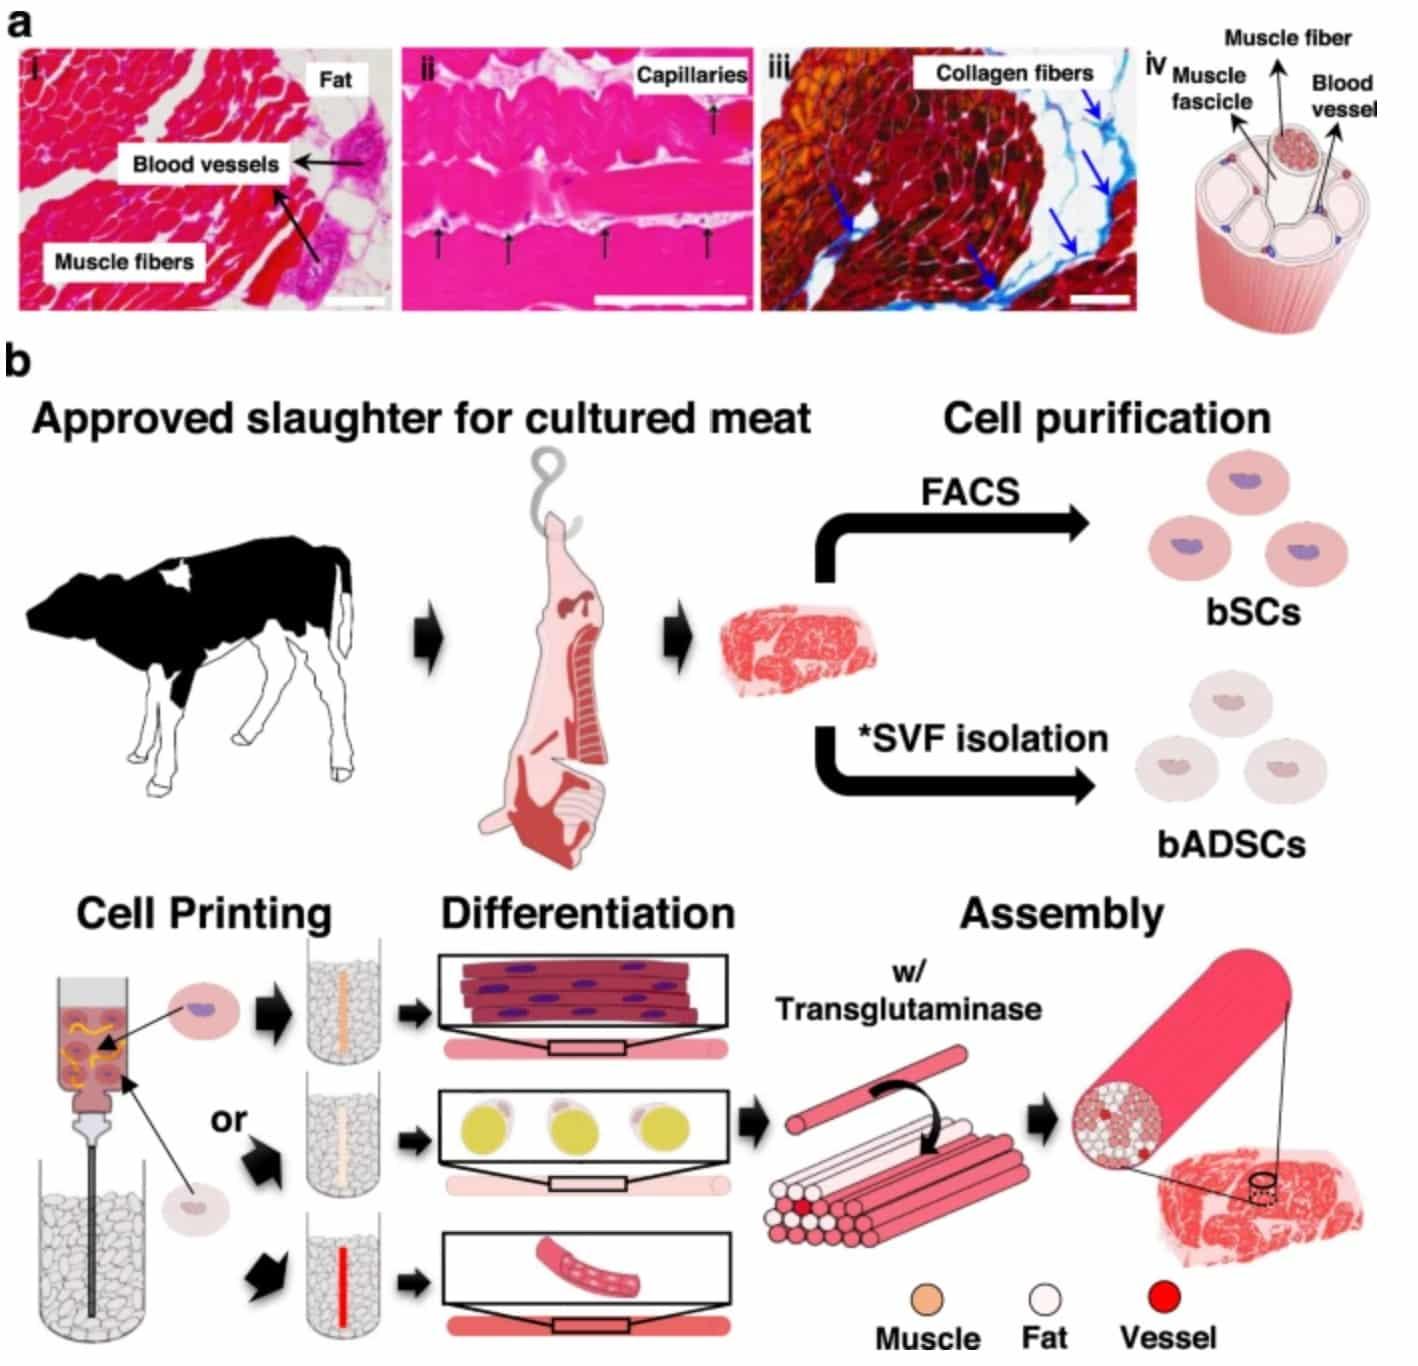 Schémas sur le processus de création d'une pièce de viande par de l'impression 3D, à partir de cellules souches